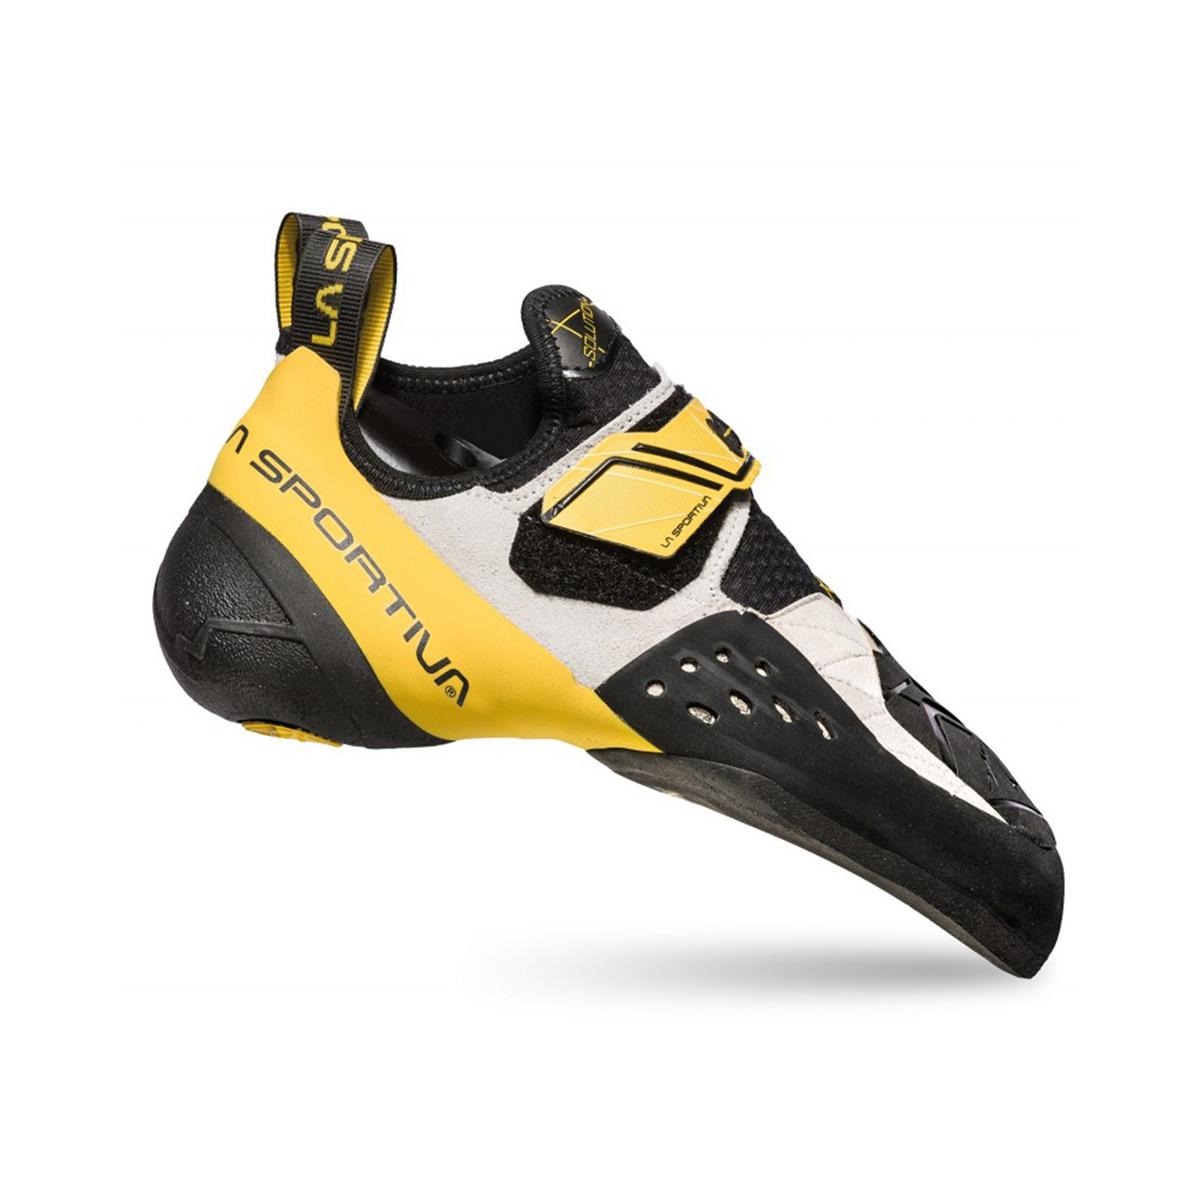 a4bf2079a Solution Climbing Shoe - Men's